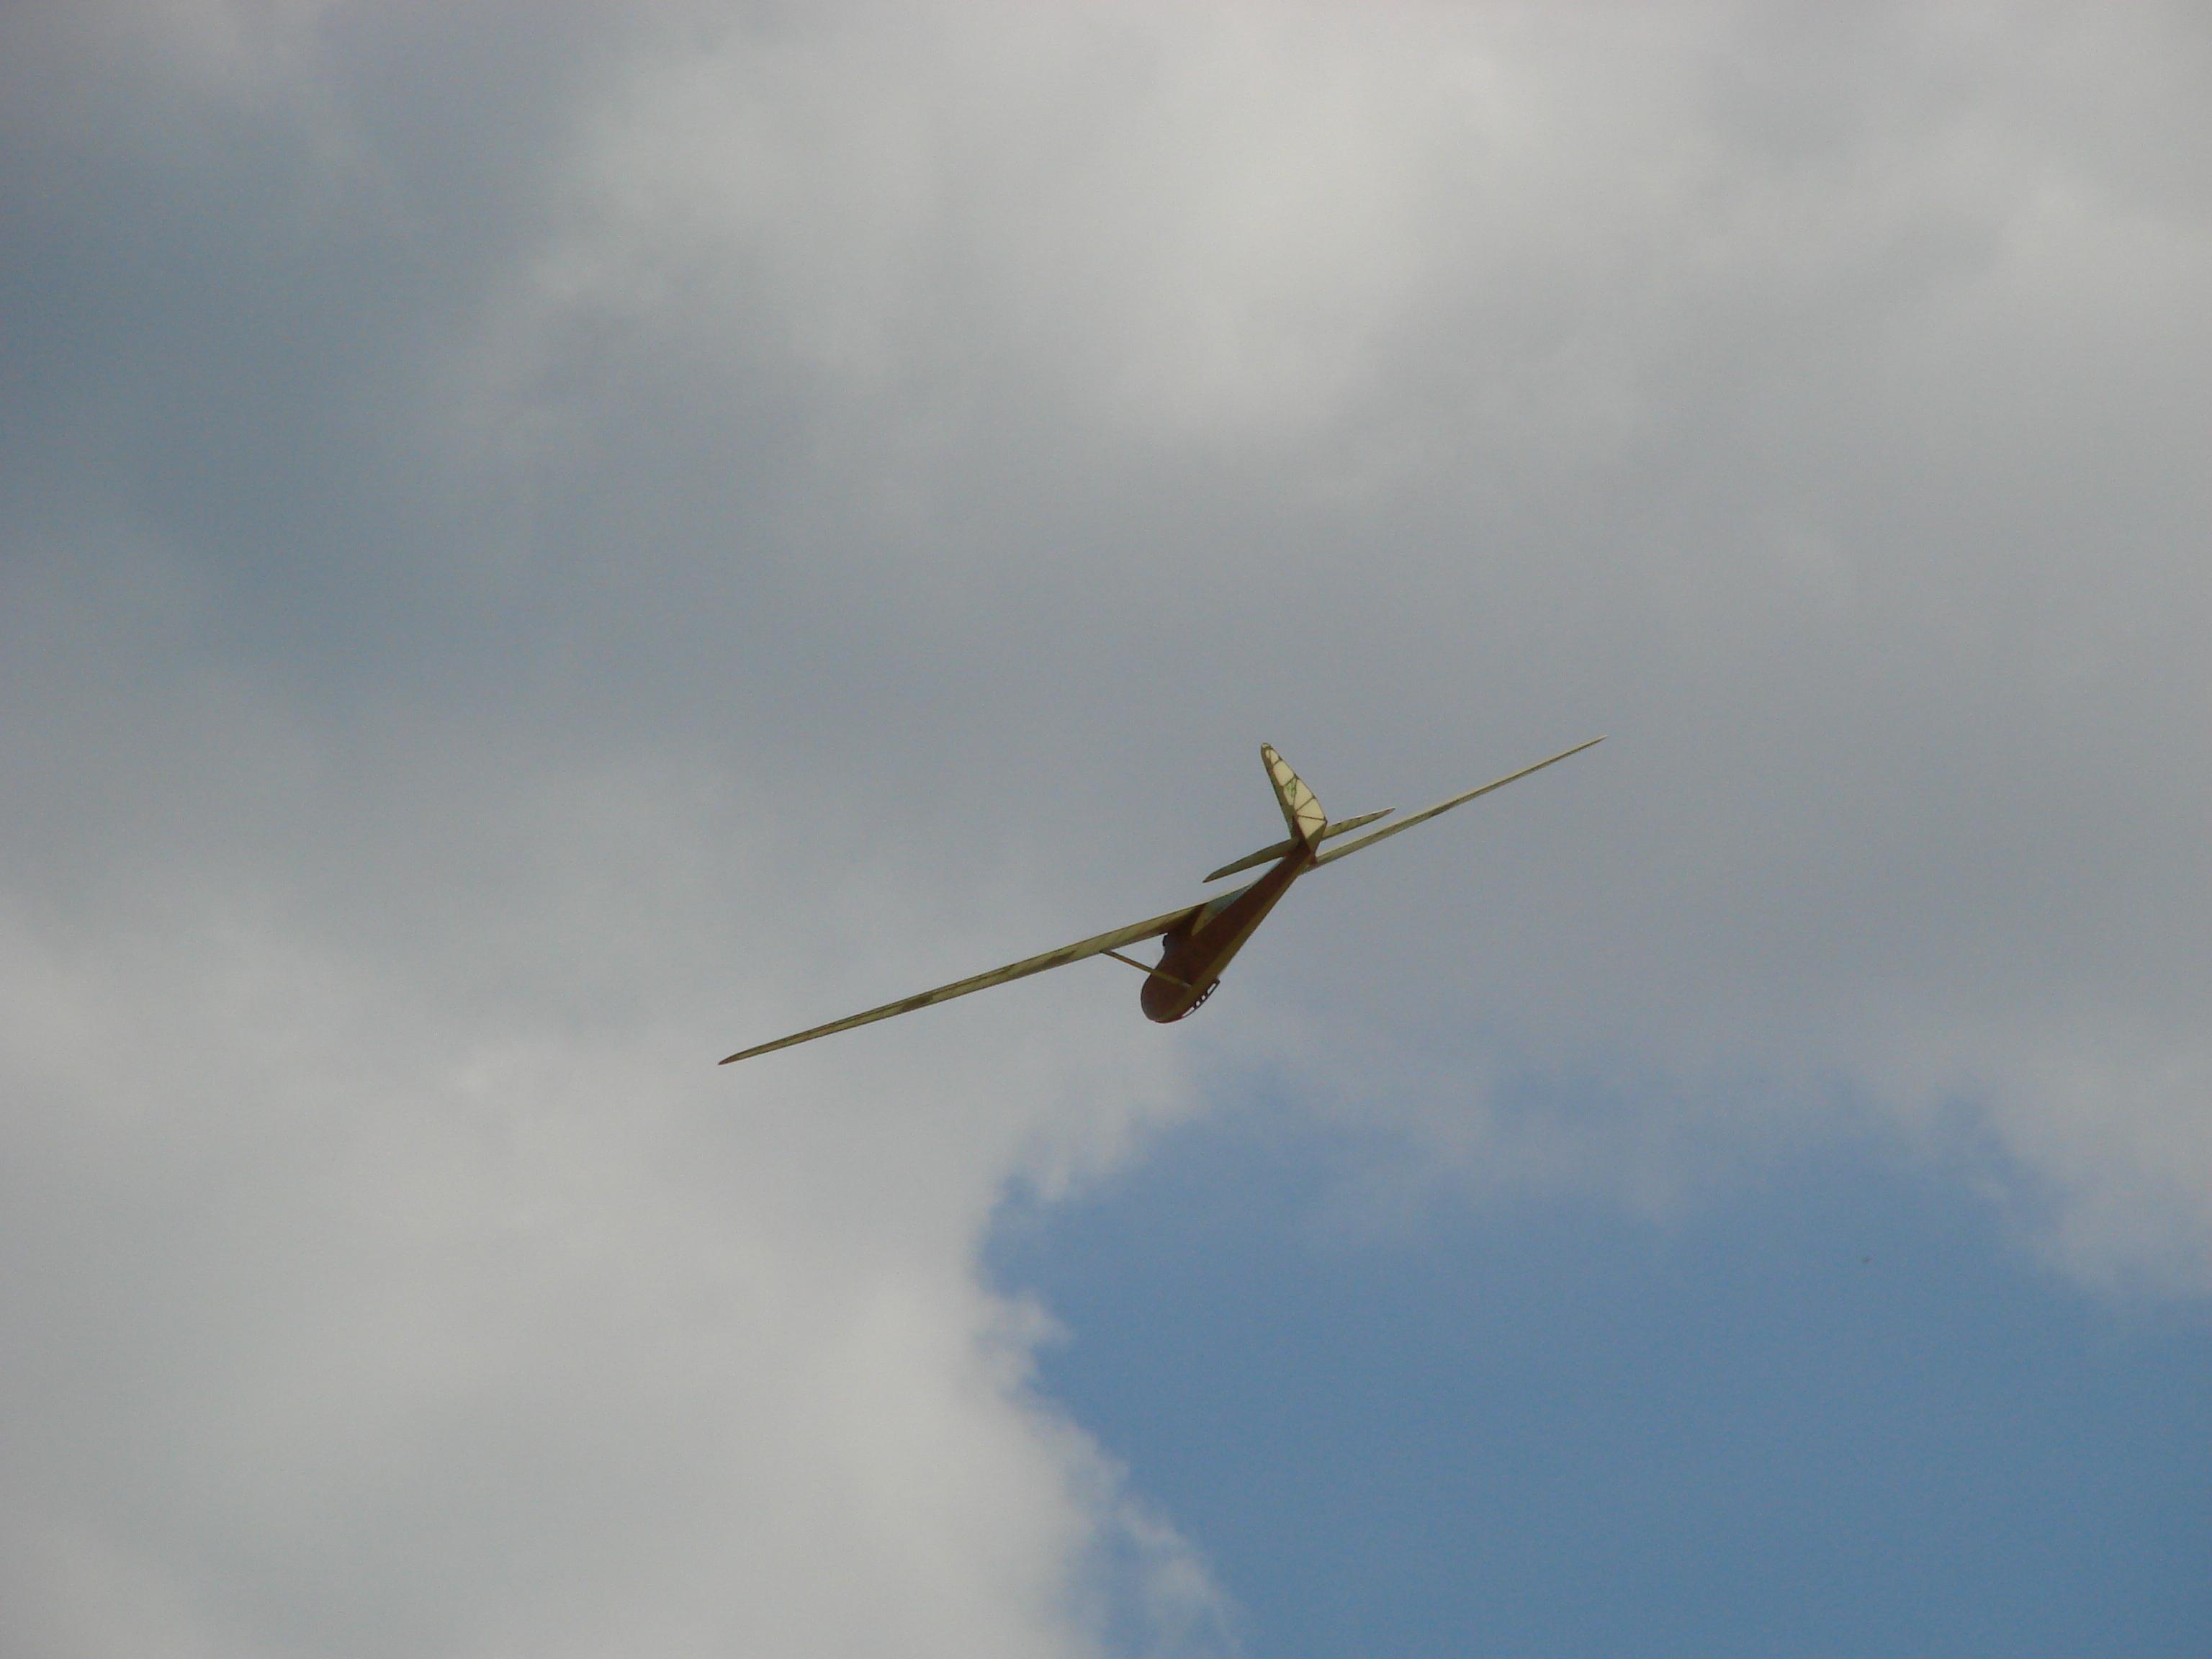 IS-B Komar 5,3m